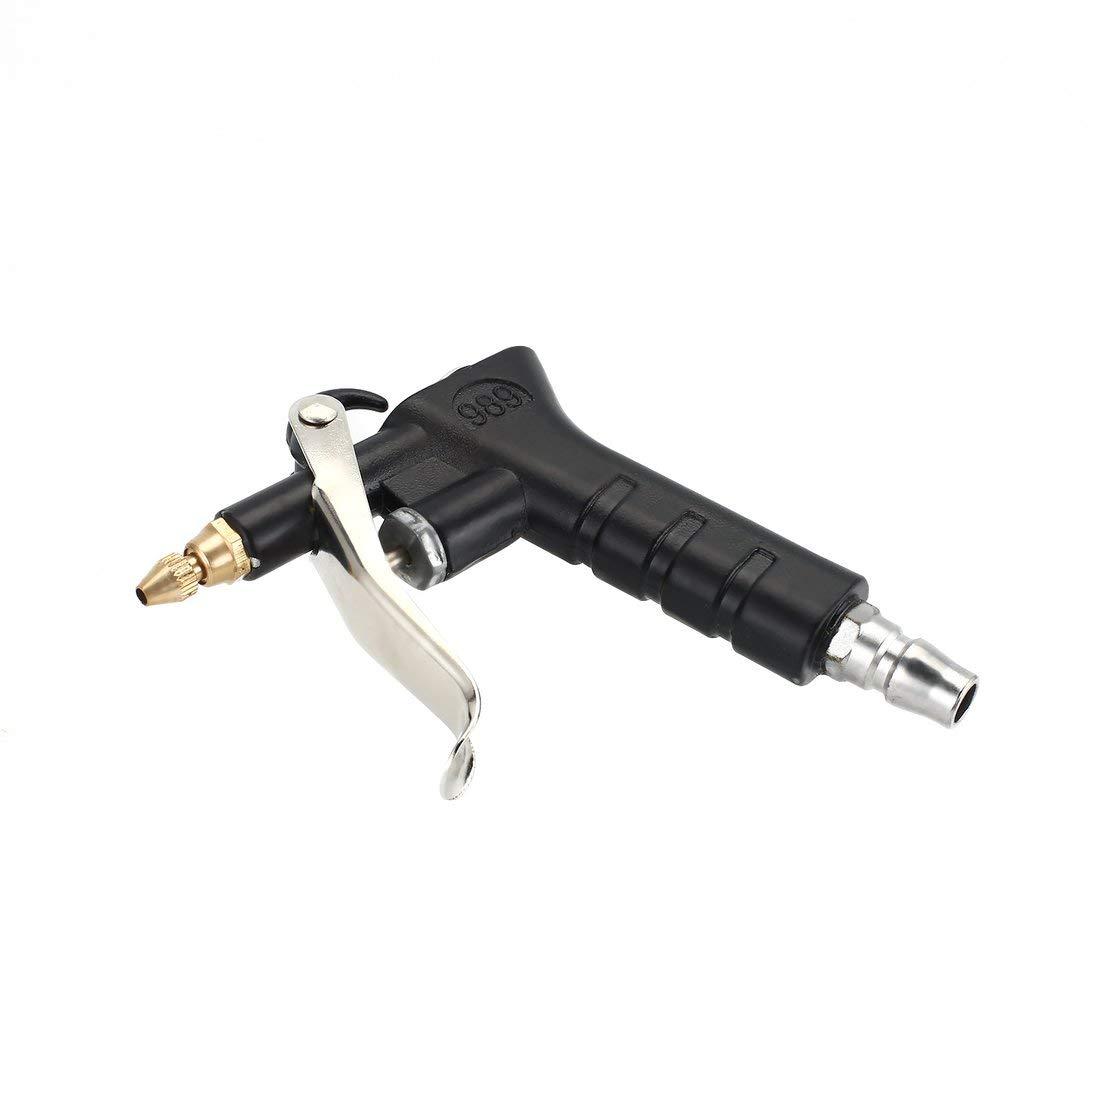 WEIHAN Multiuso Compresor de aire Duster Pistola de soplado de aire Boquilla de cobre Pistola de pulverizaci/ón Mango Plumero de aire Limpieza Herramienta pr/áctica